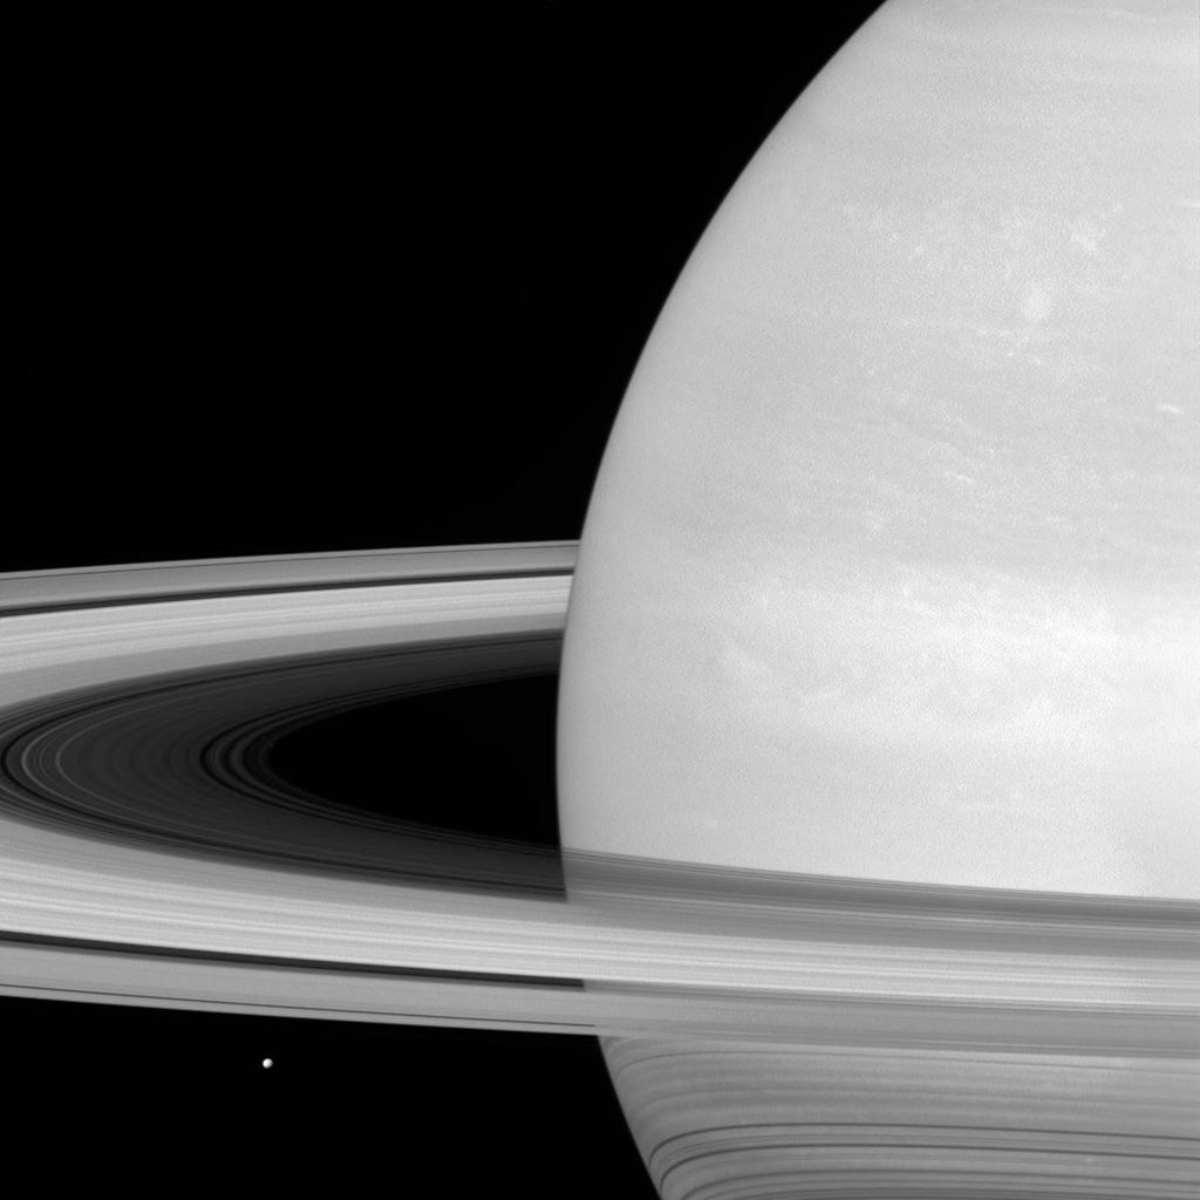 Saturno, pianeta del Sistema Solare